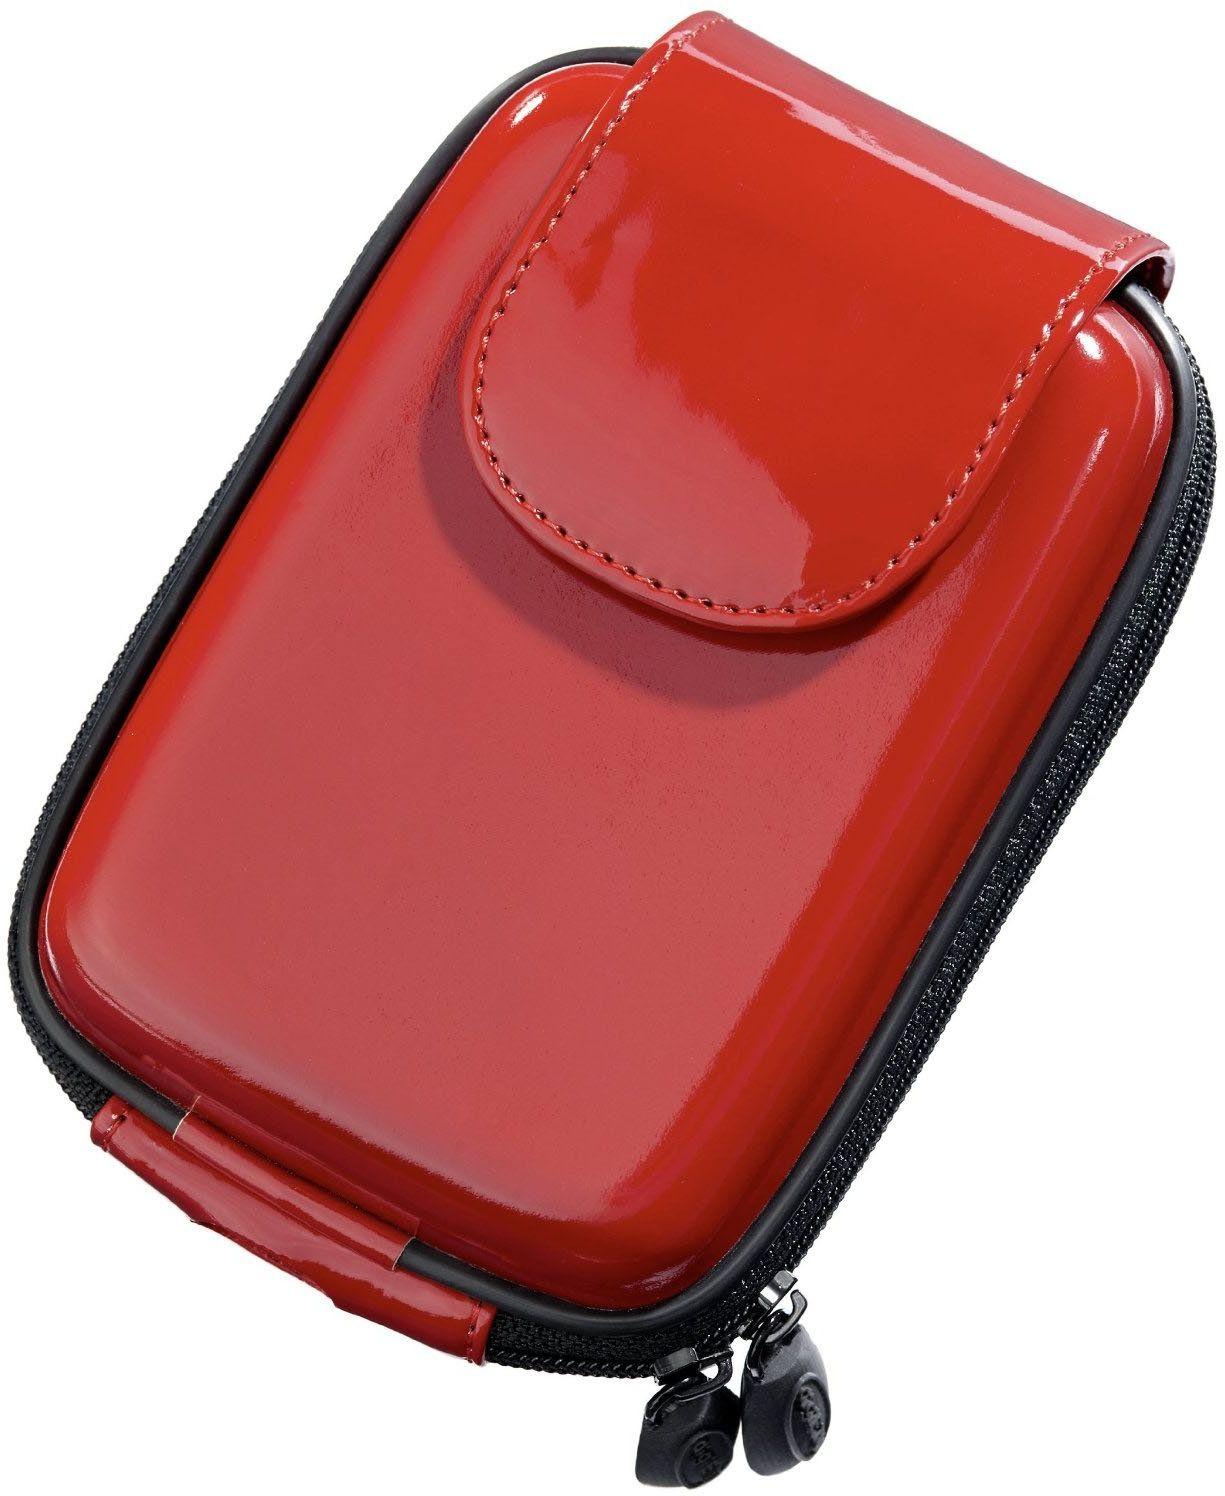 digiETUI a70040 futerał na aparat torba do Samsung E60/65/70/75/80